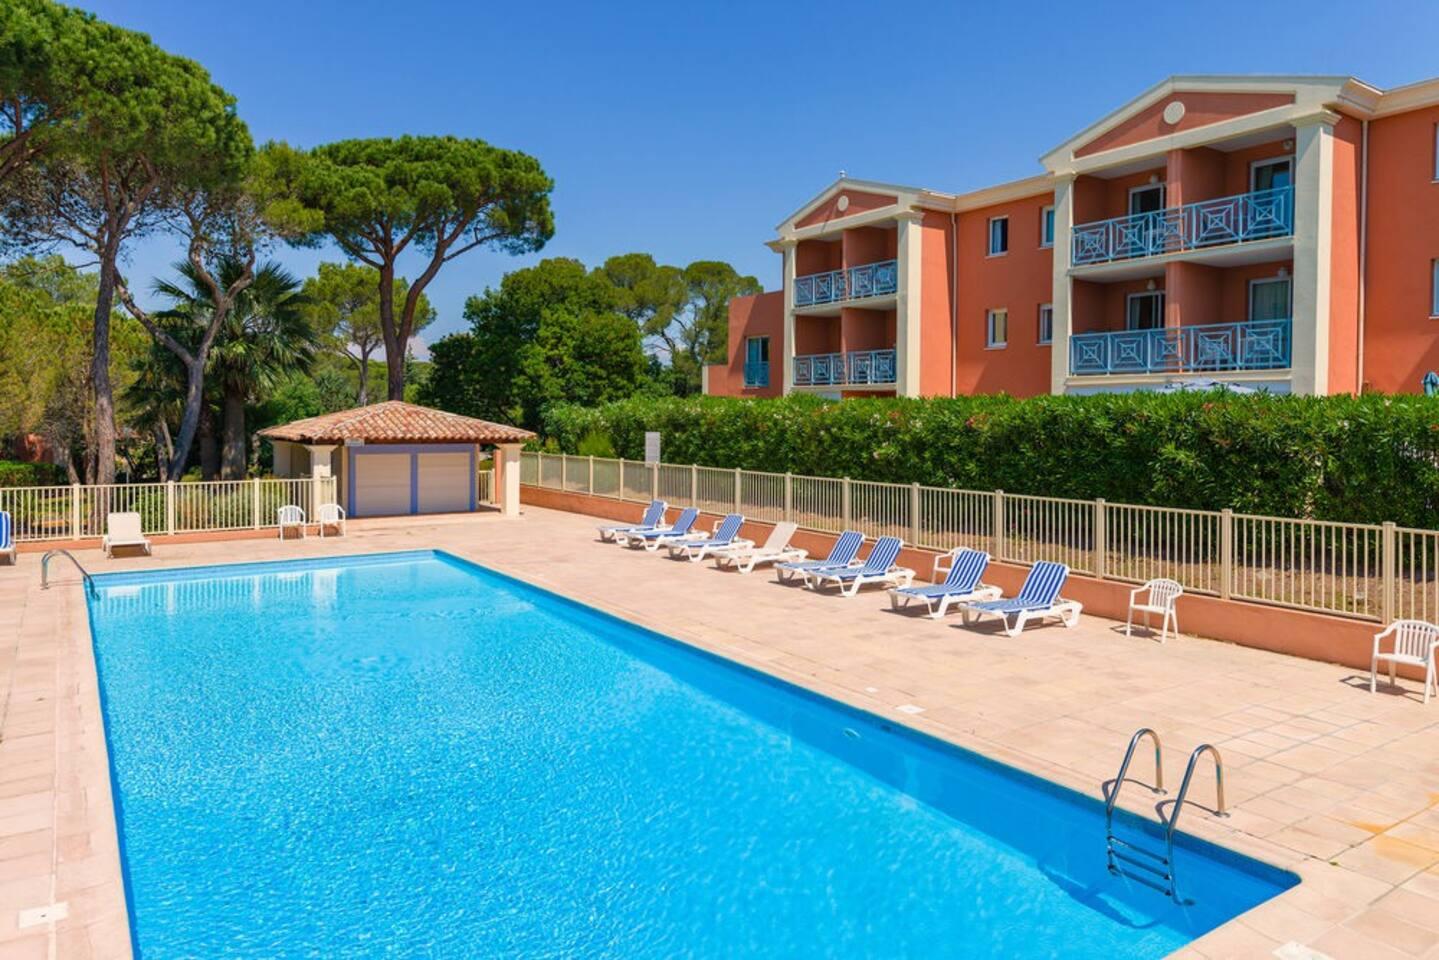 Appartement face à la piscine